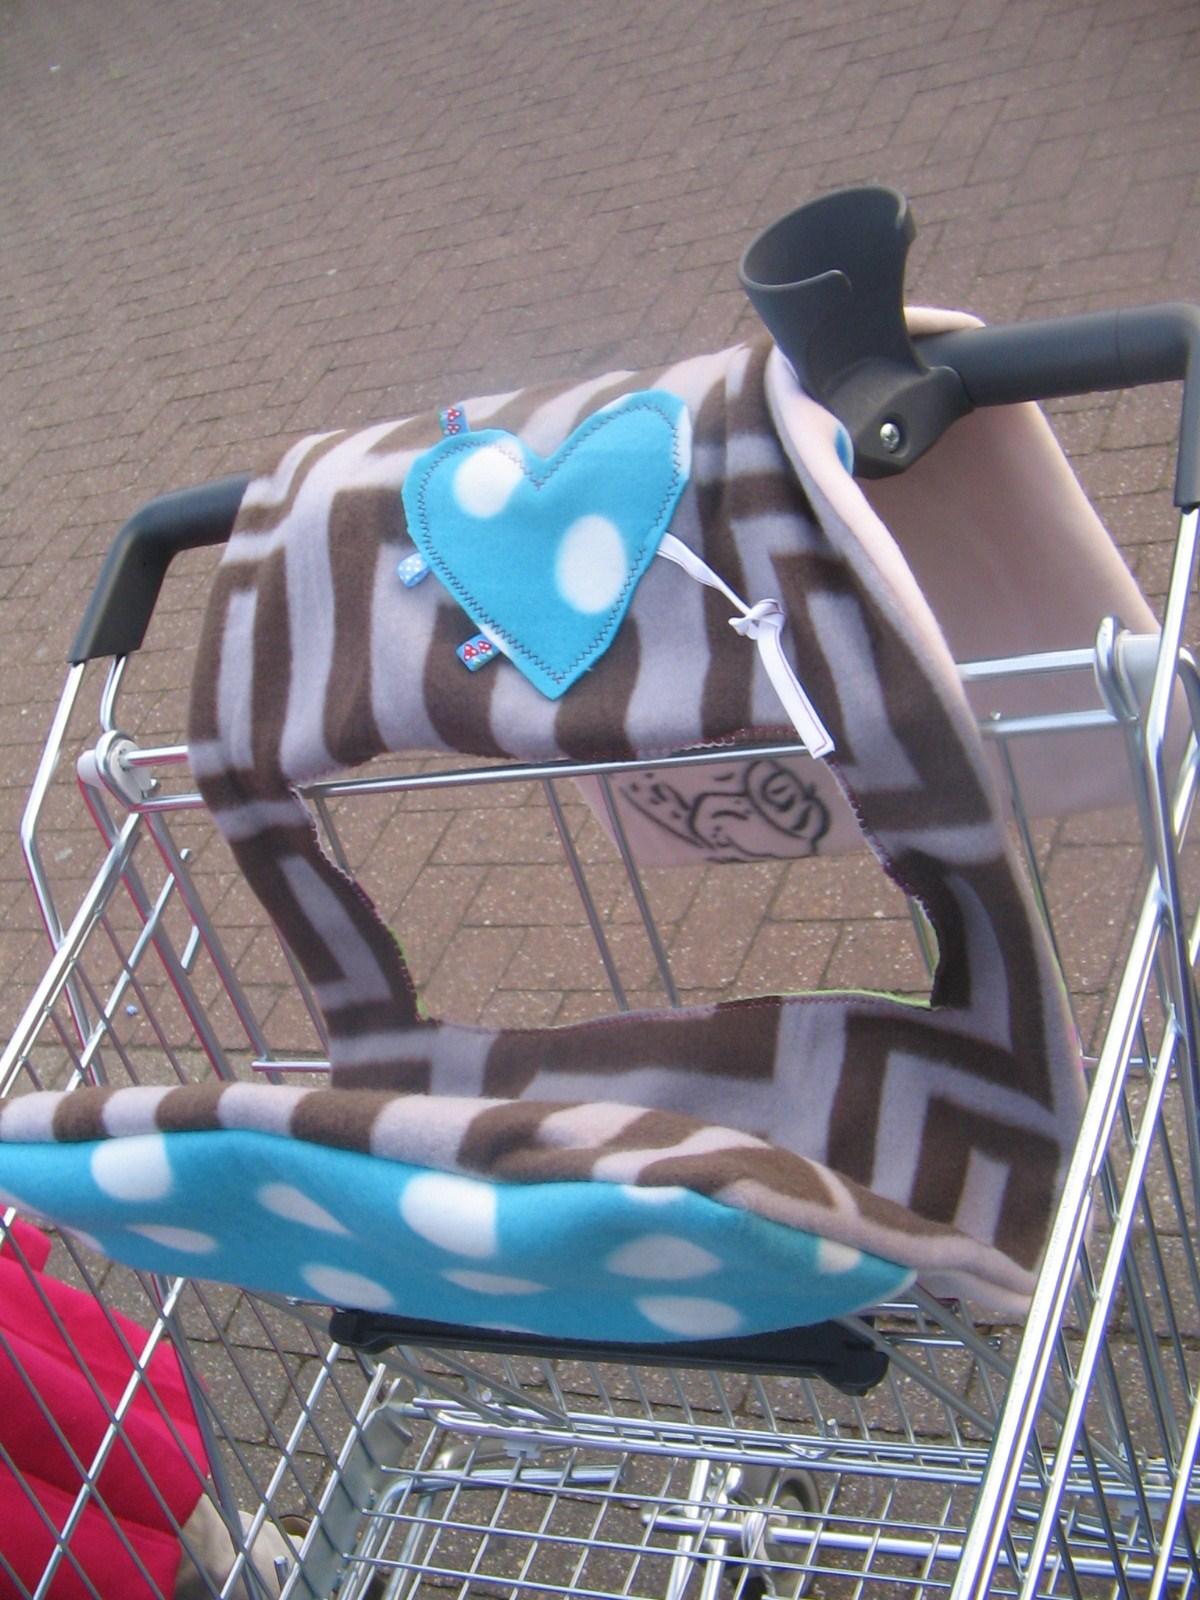 Alles mit Liebe: Sitzpolster für den Einkaufswagen